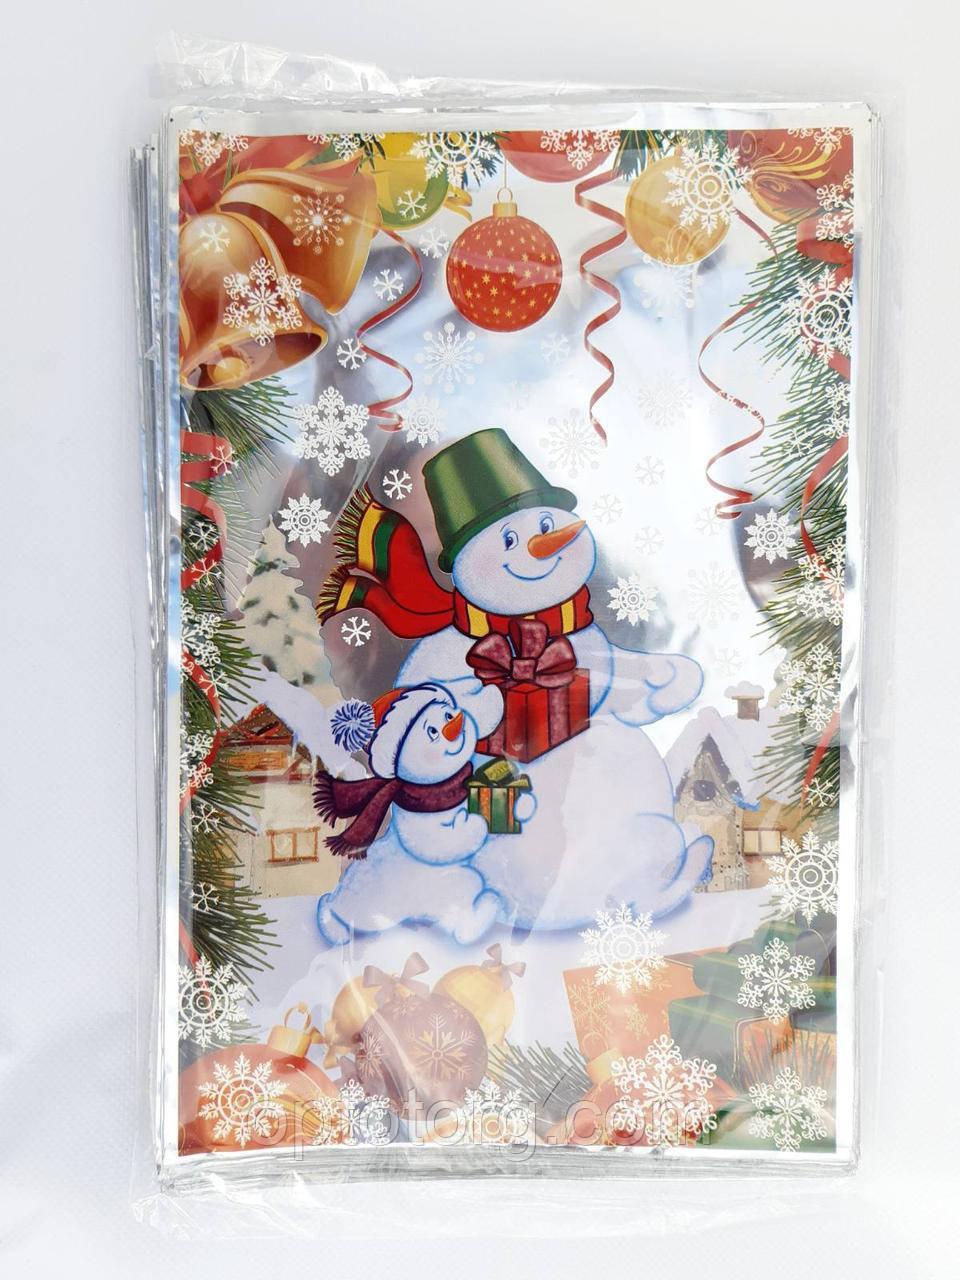 Пакеты фольгированные  для конфет Новый год размер  20*30 см